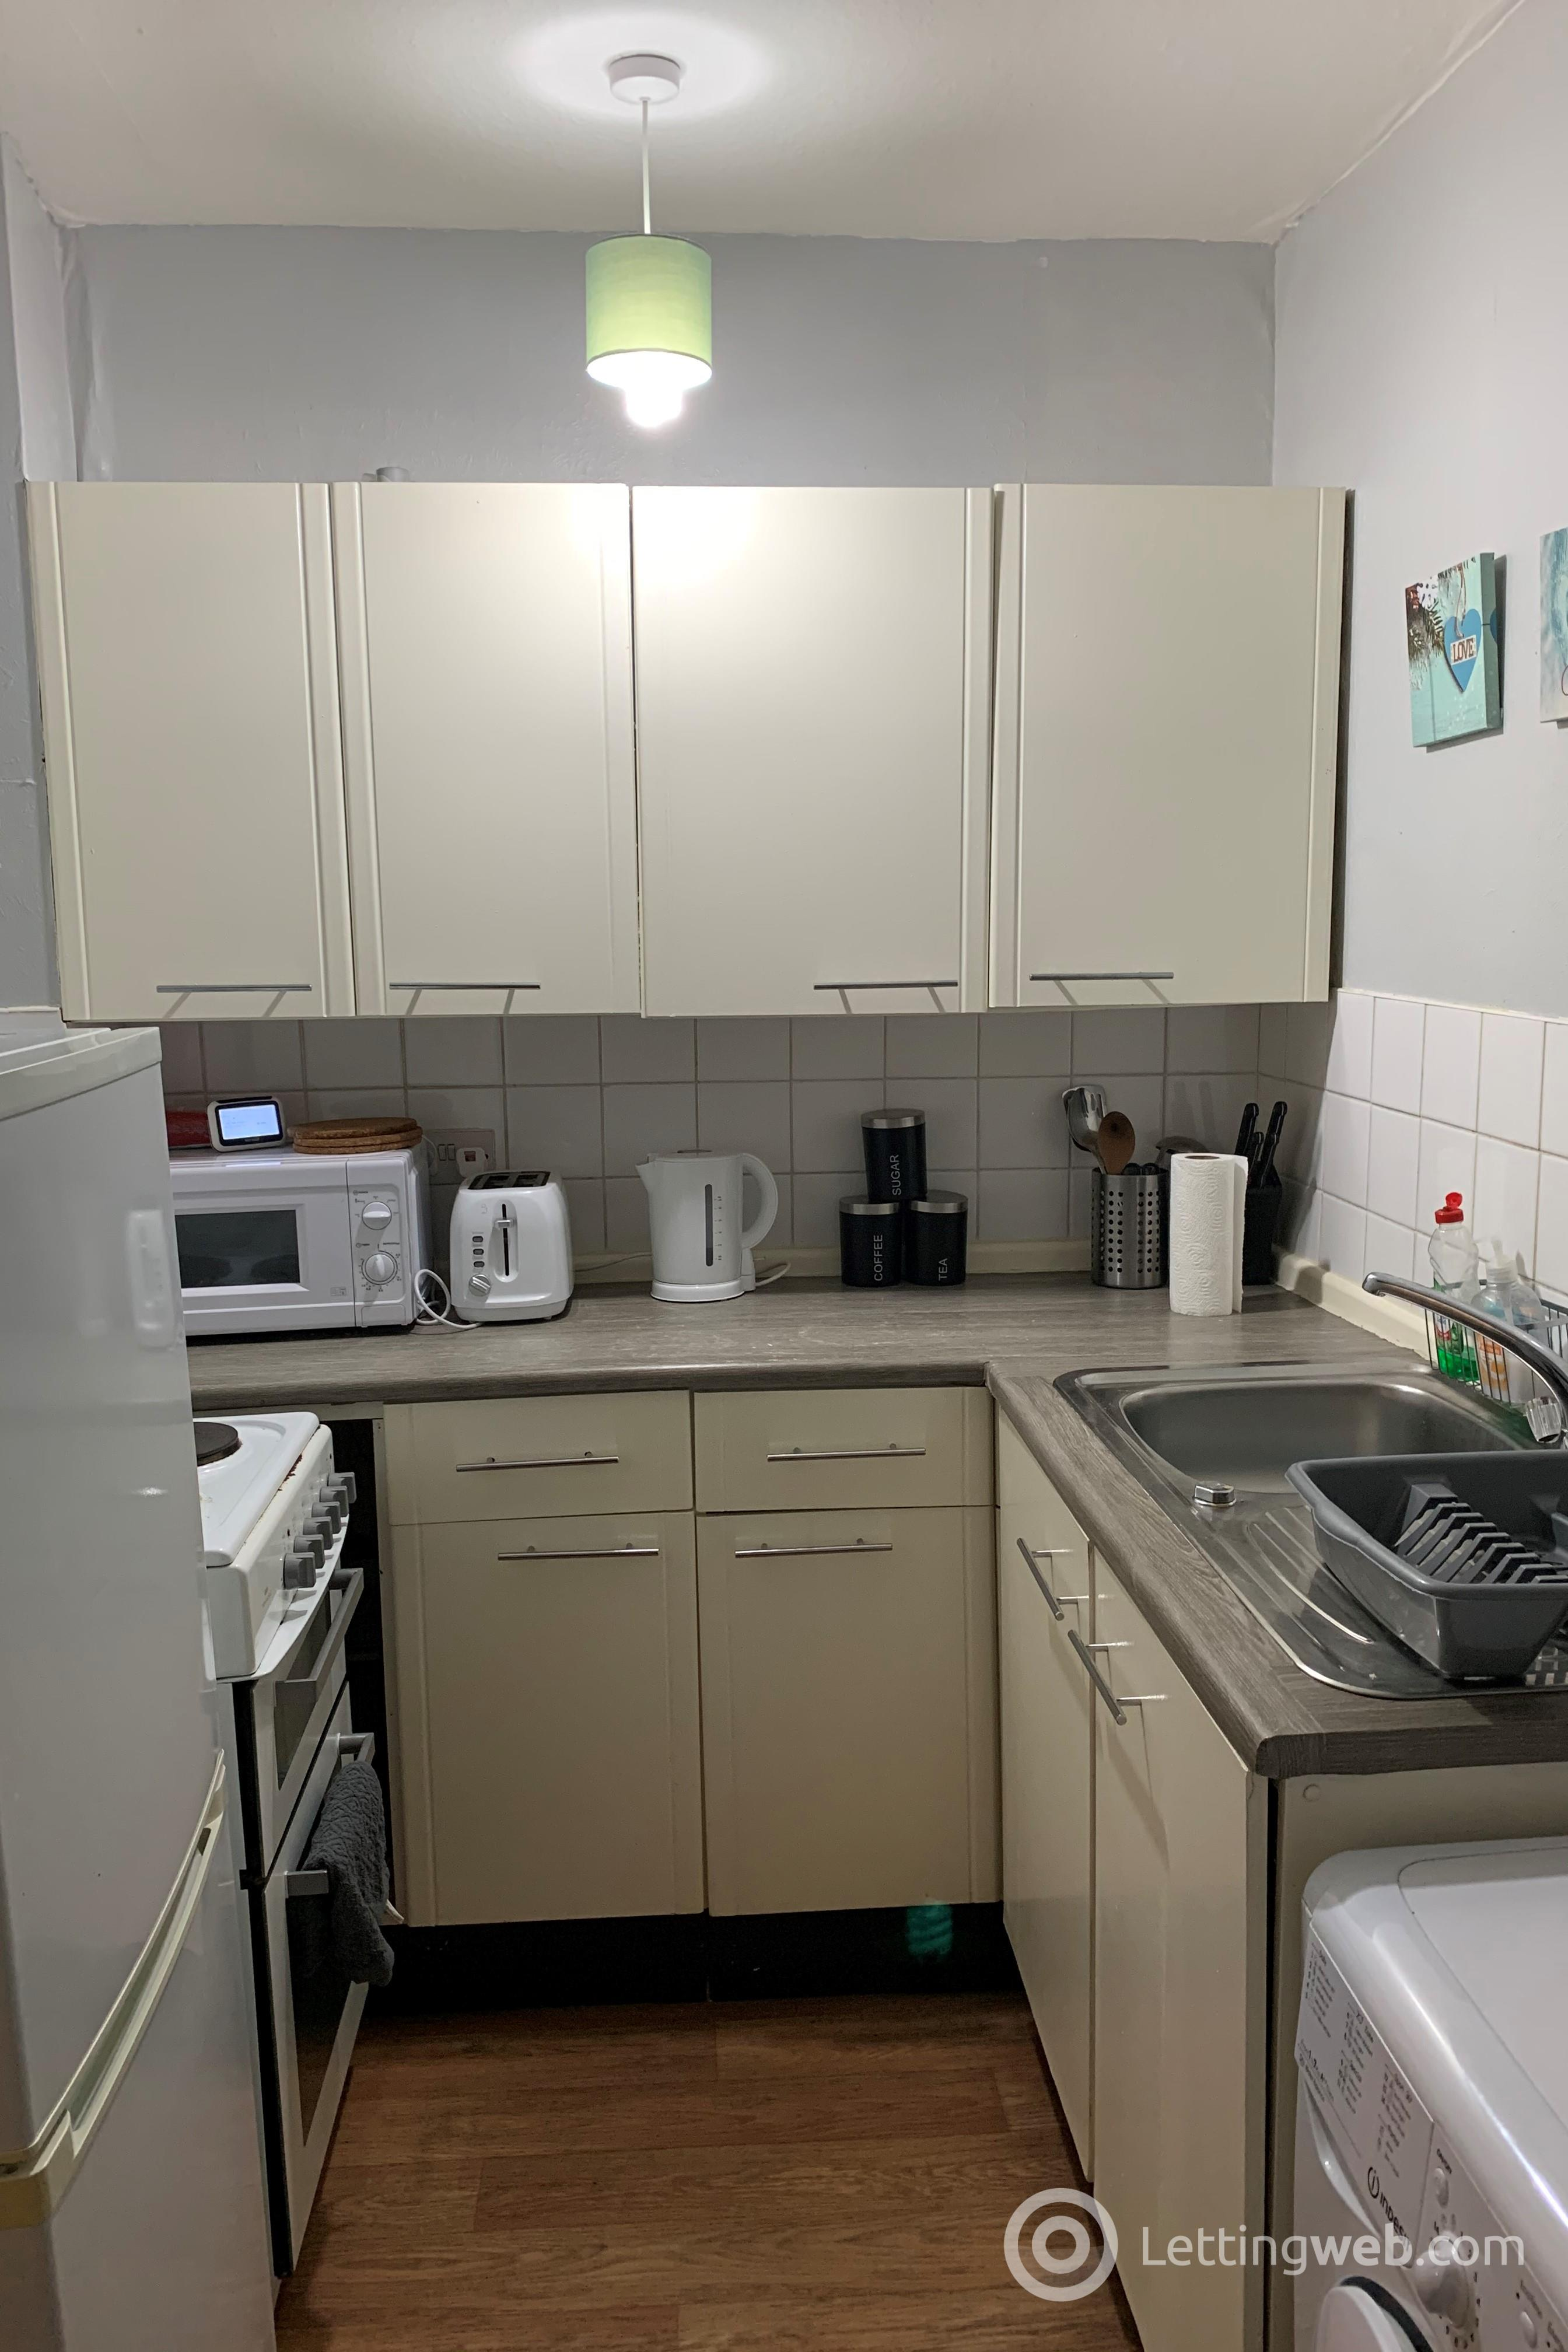 Property to rent in smithfield street gorgie